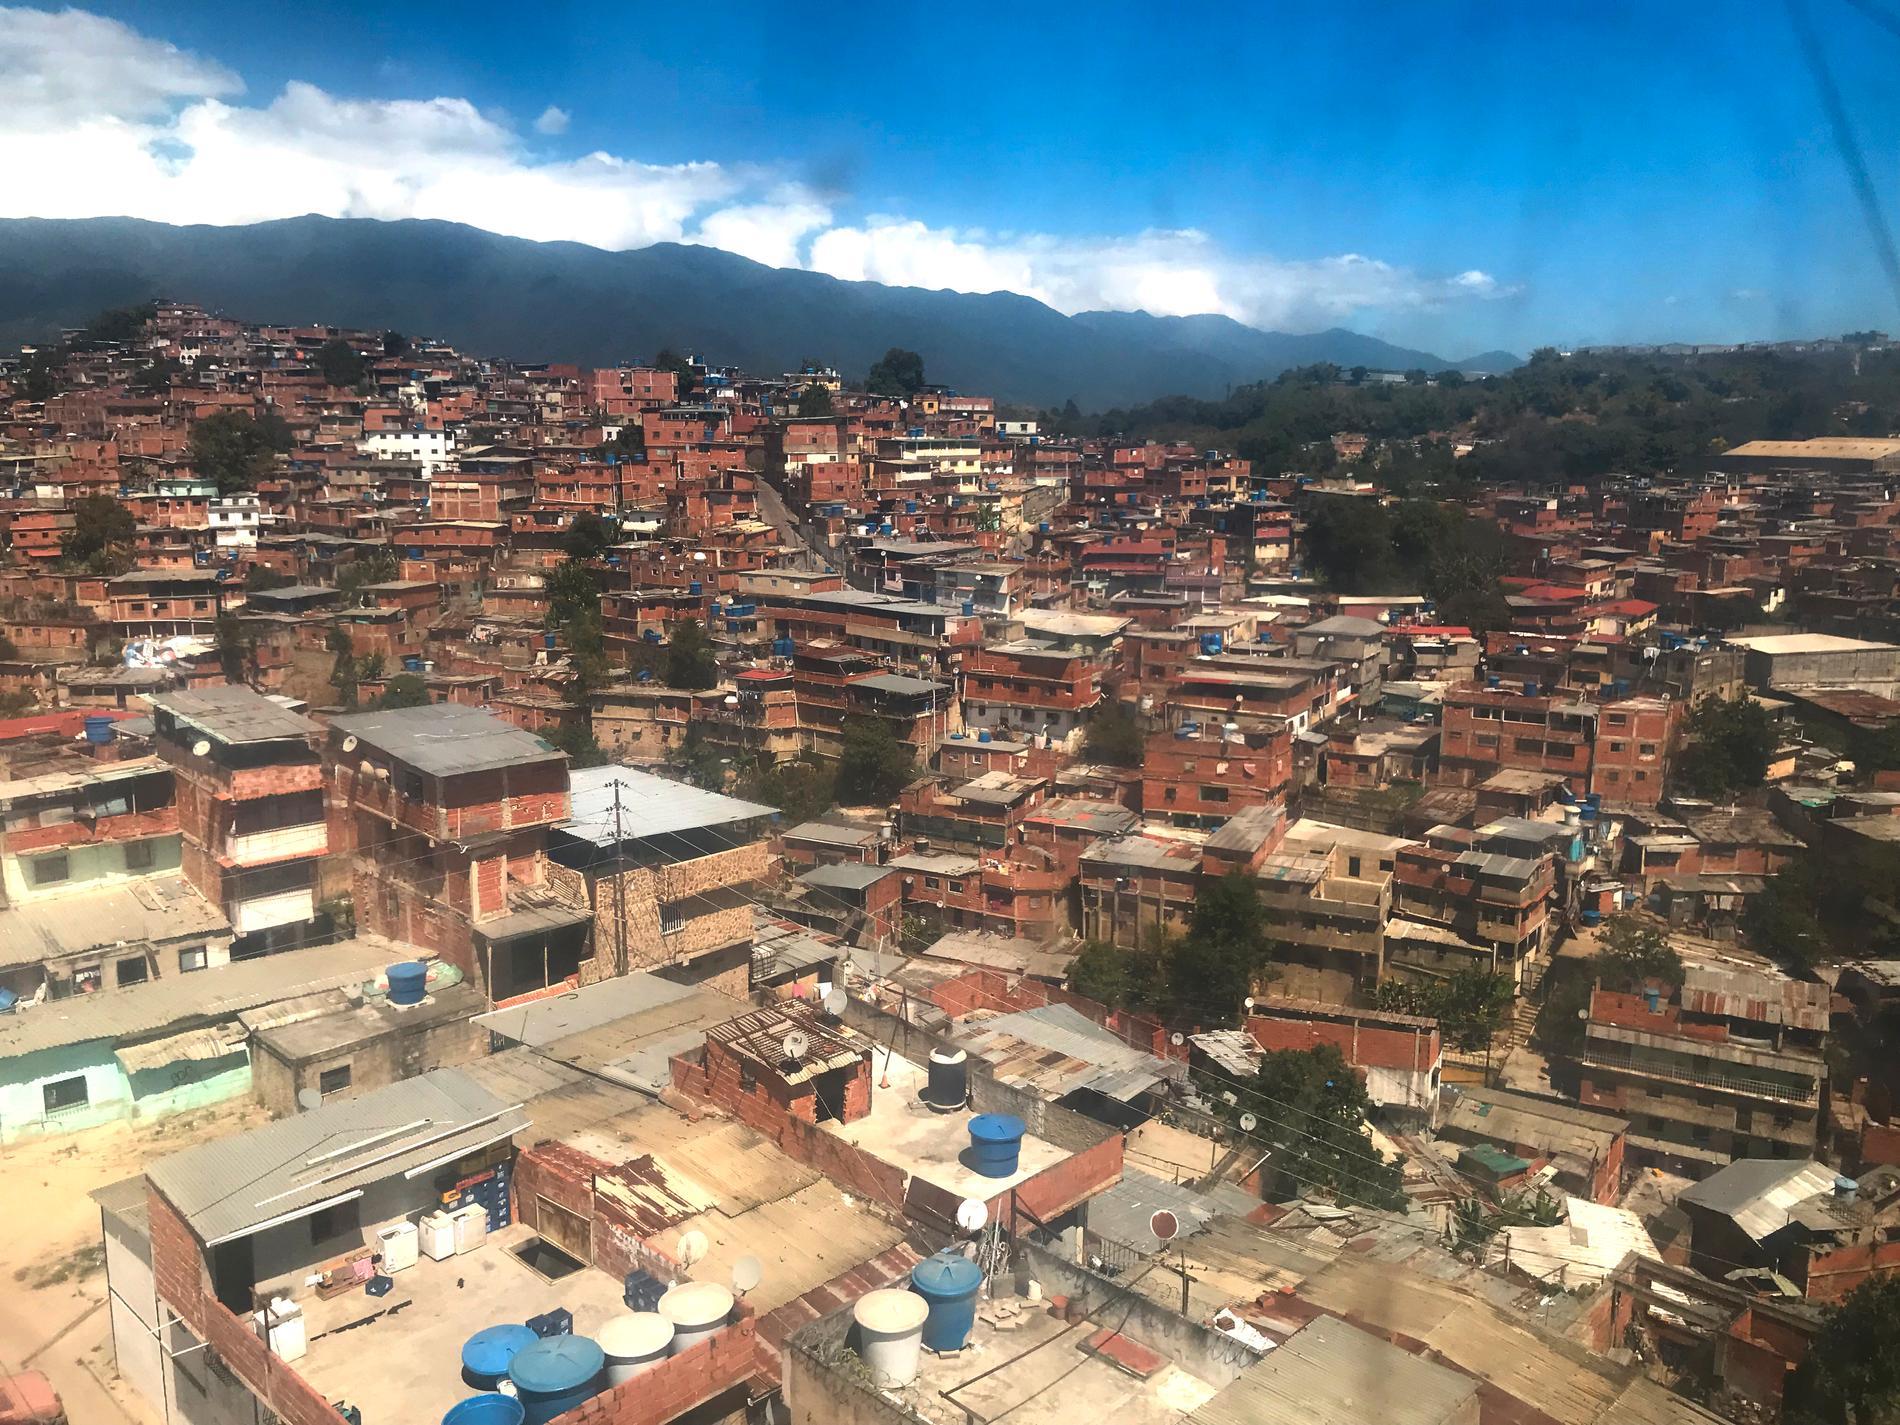 Petare, känd som Latinamerikas största slum, sedd från den moderna linbanan.